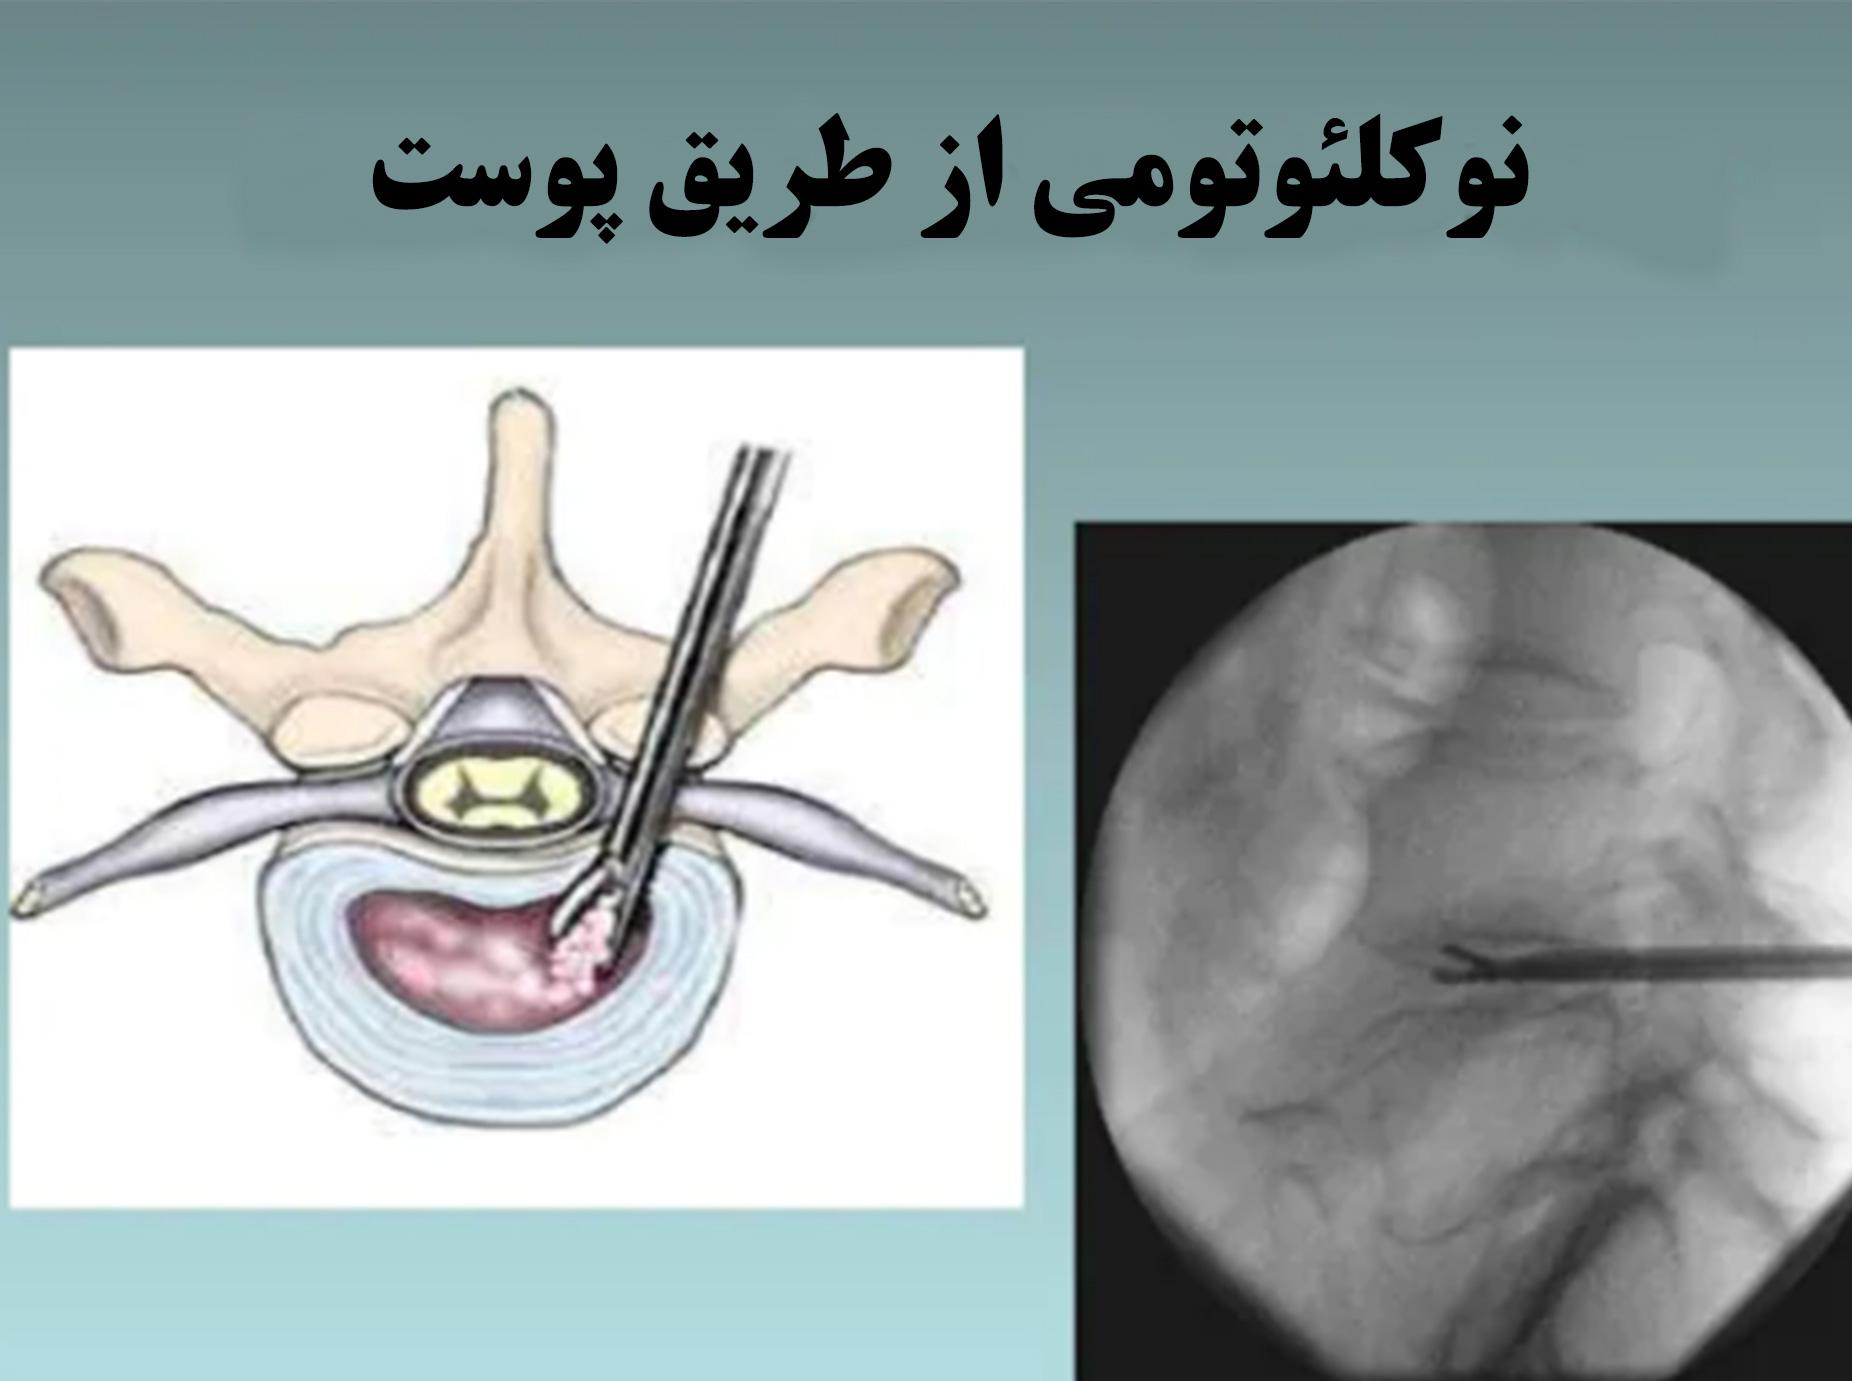 لیزر نوکلئوتومی توسط دکتر سیامک مرادی فوق تخصص درد در تهران